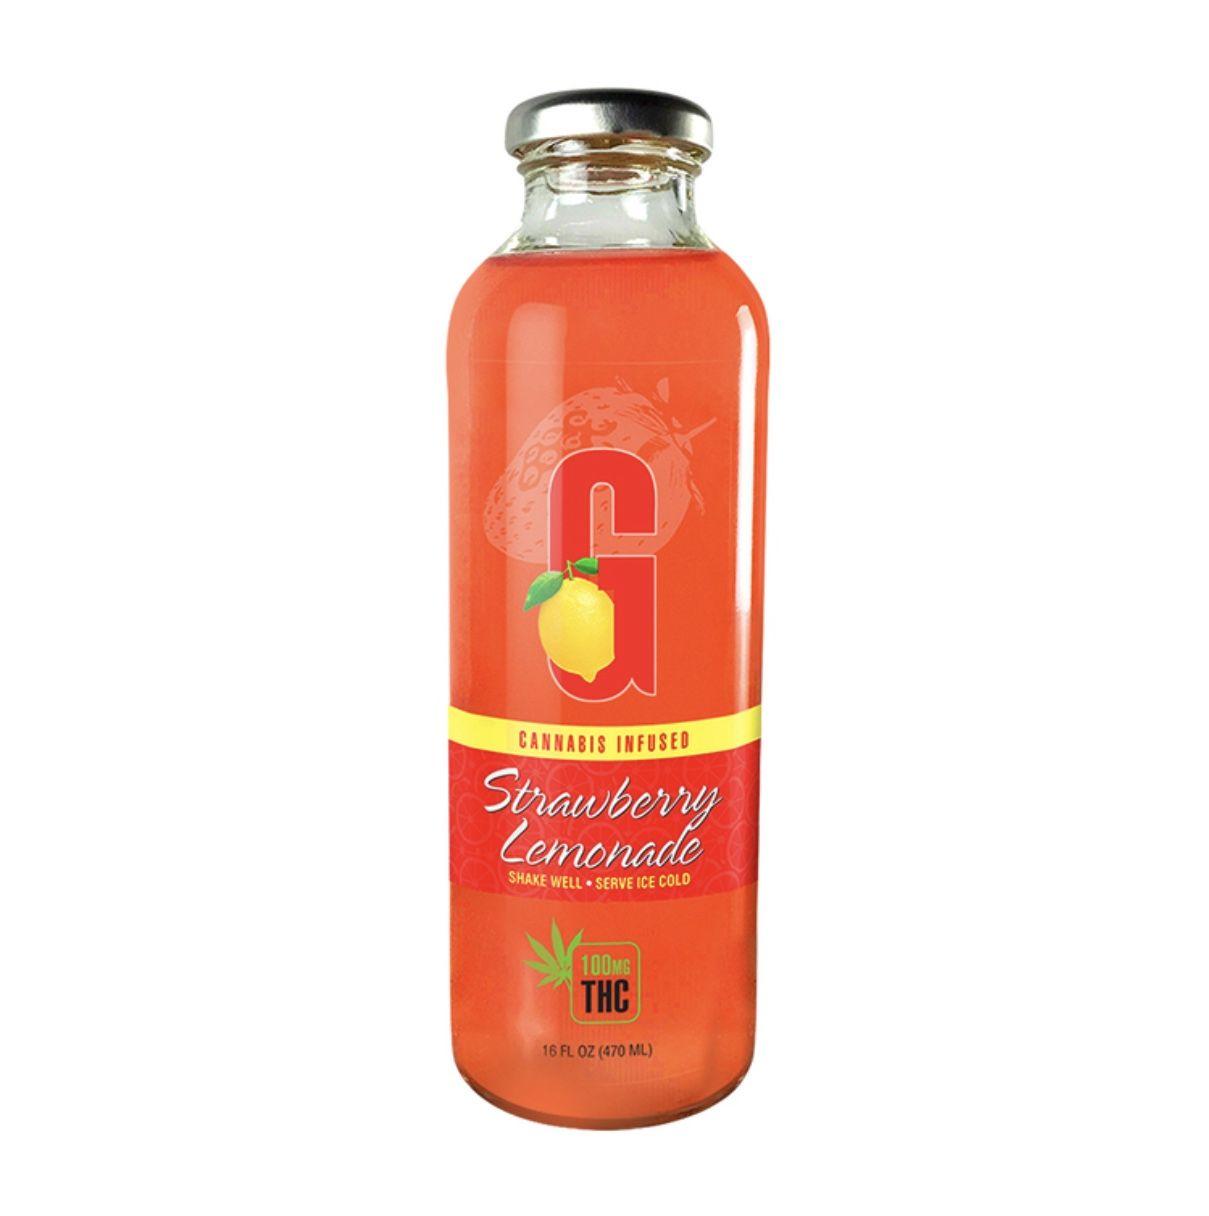 G Drinks Lemonade - Strawberry Lemonade